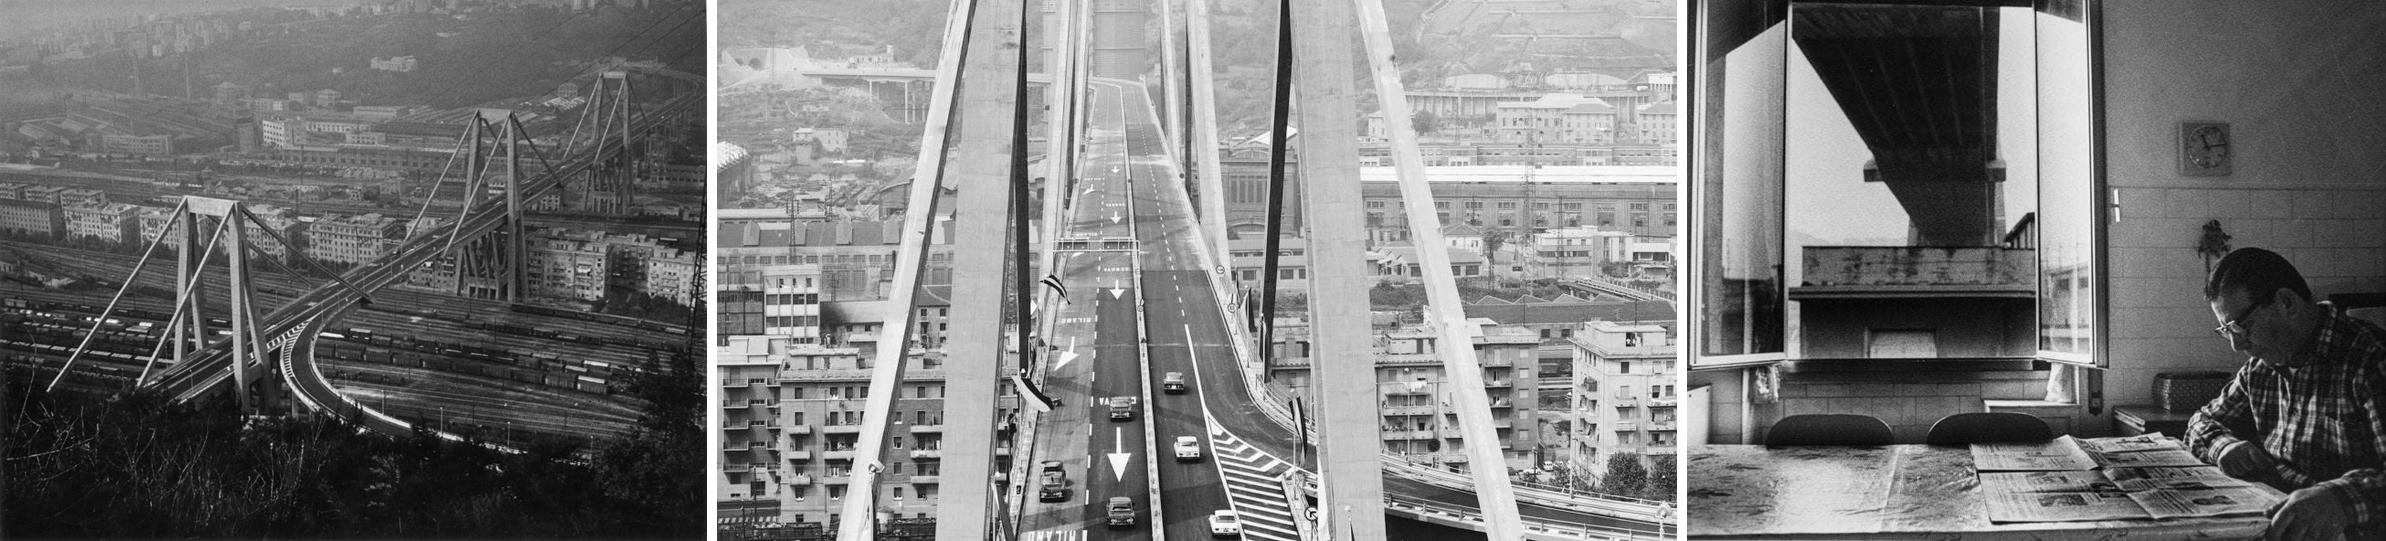 Immagini storiche del Ponte Morandi